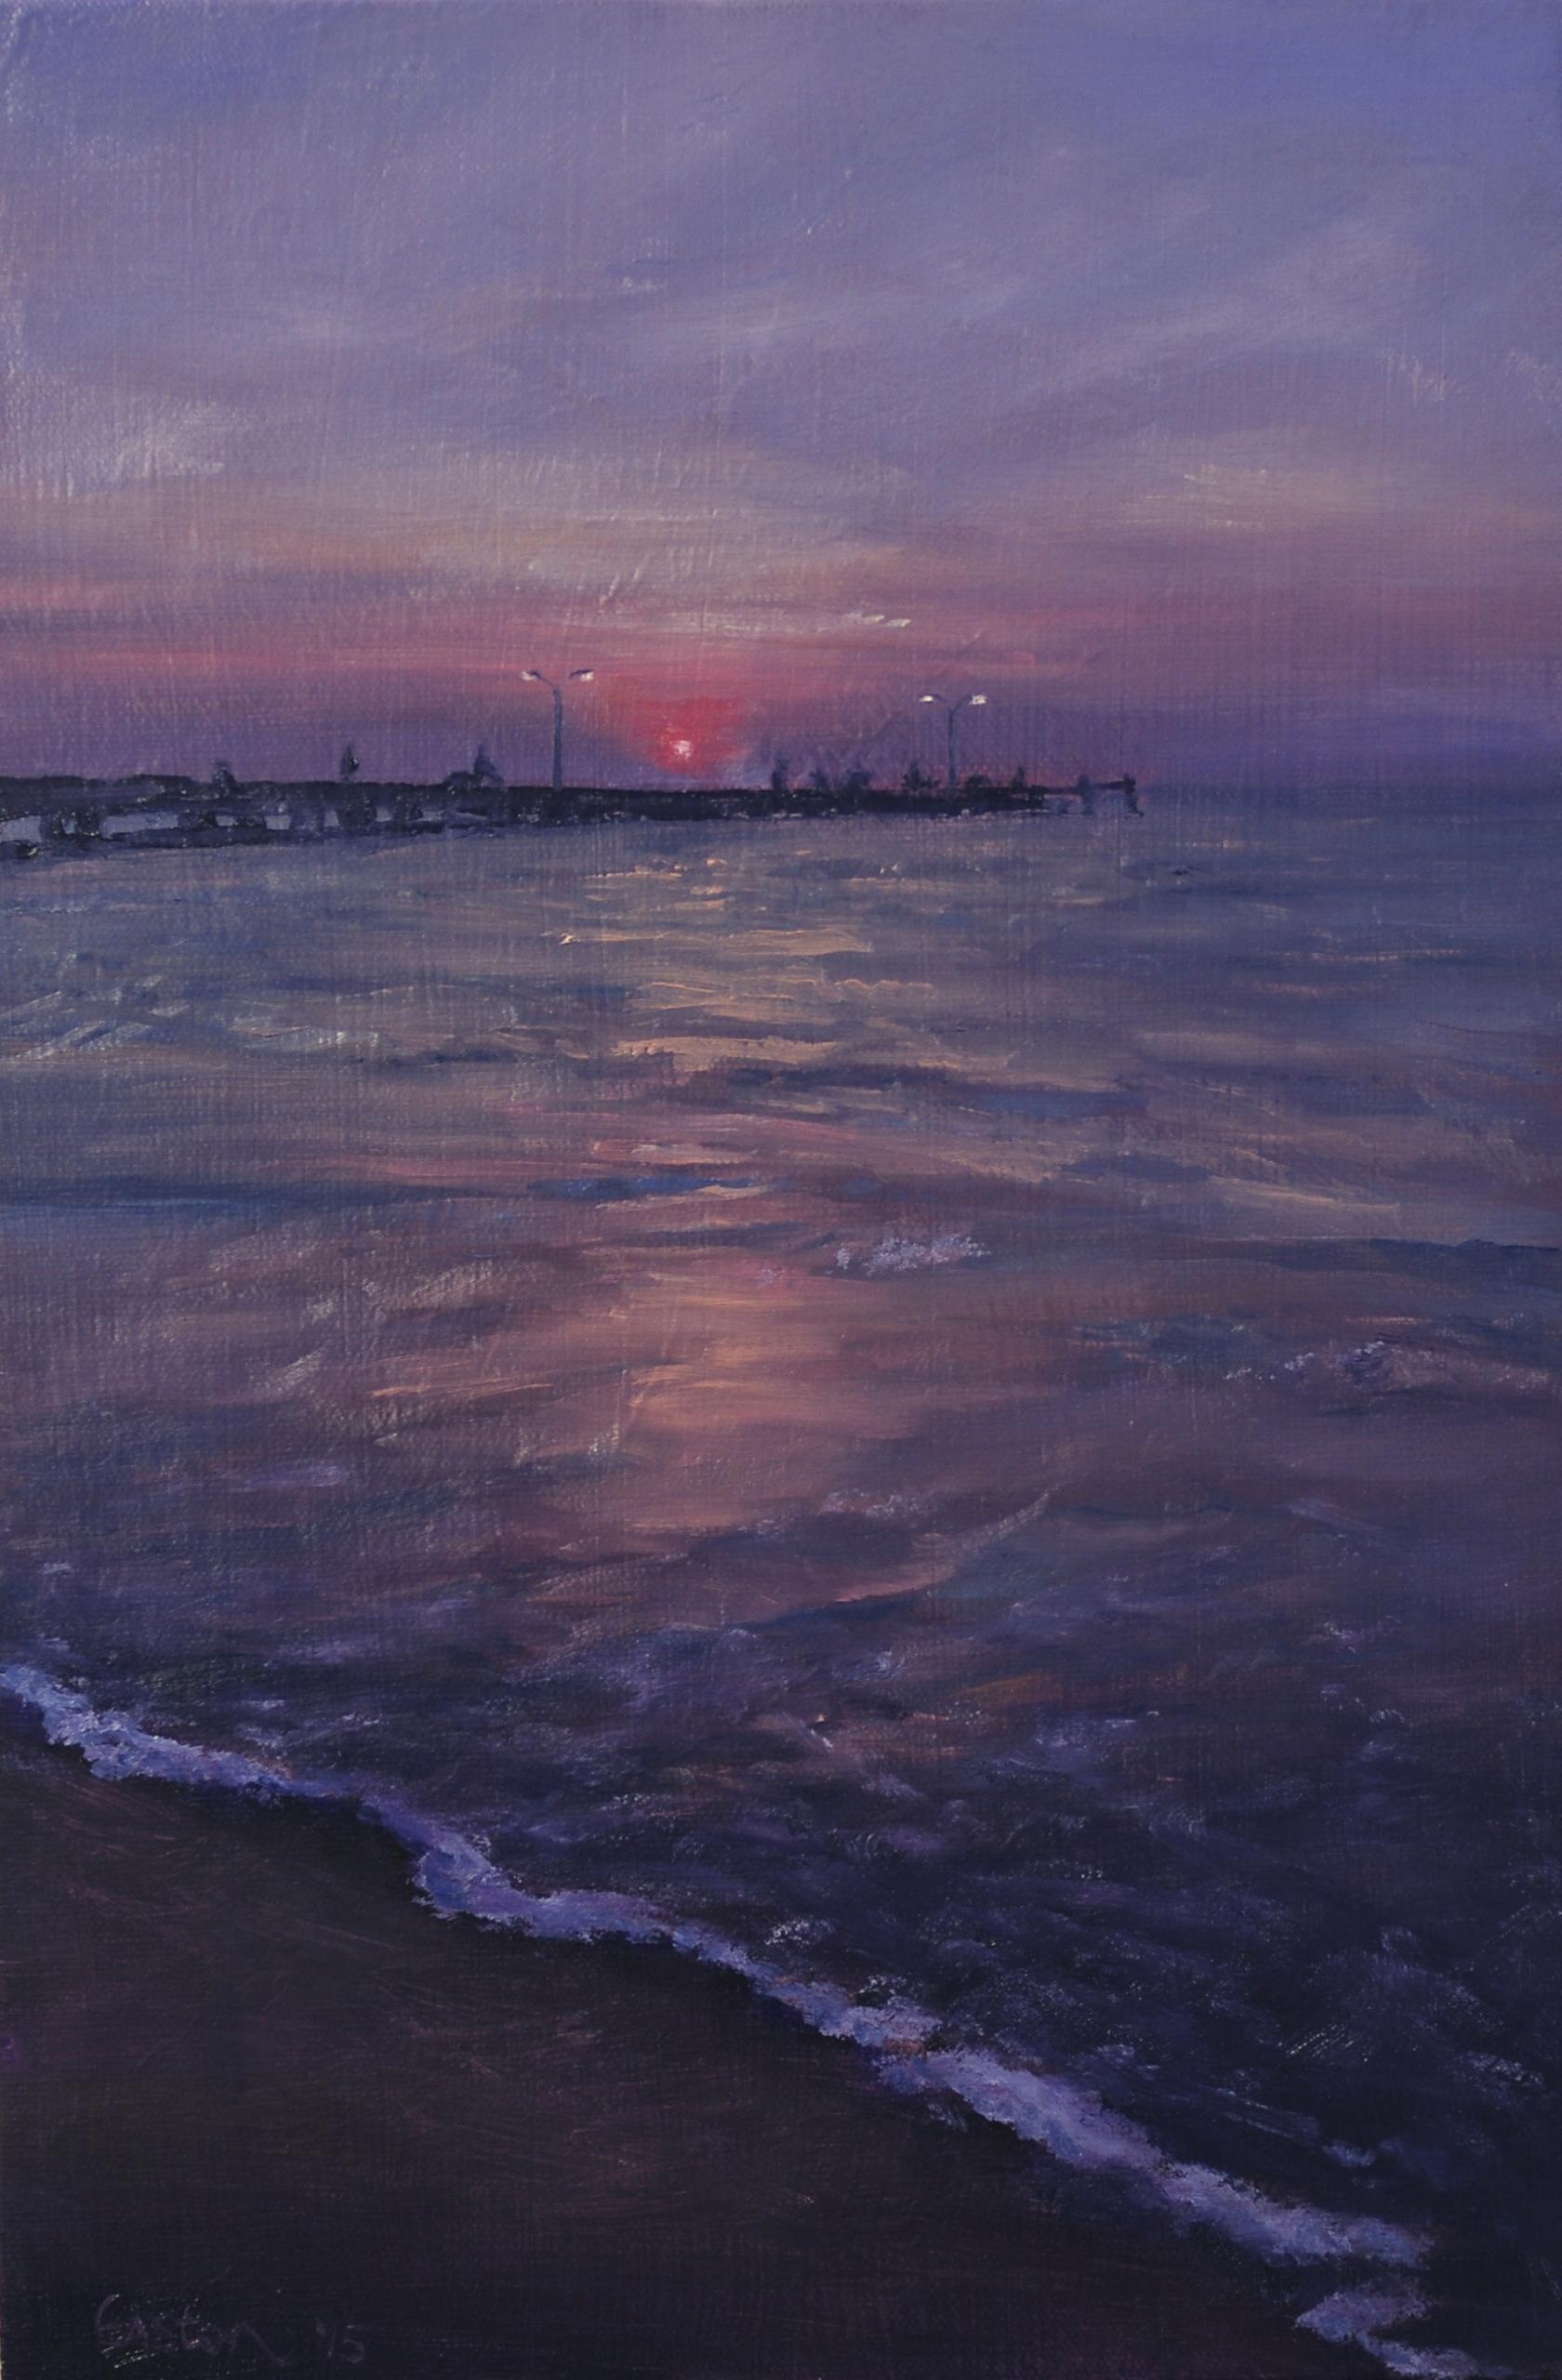 sunset, beach, jetty